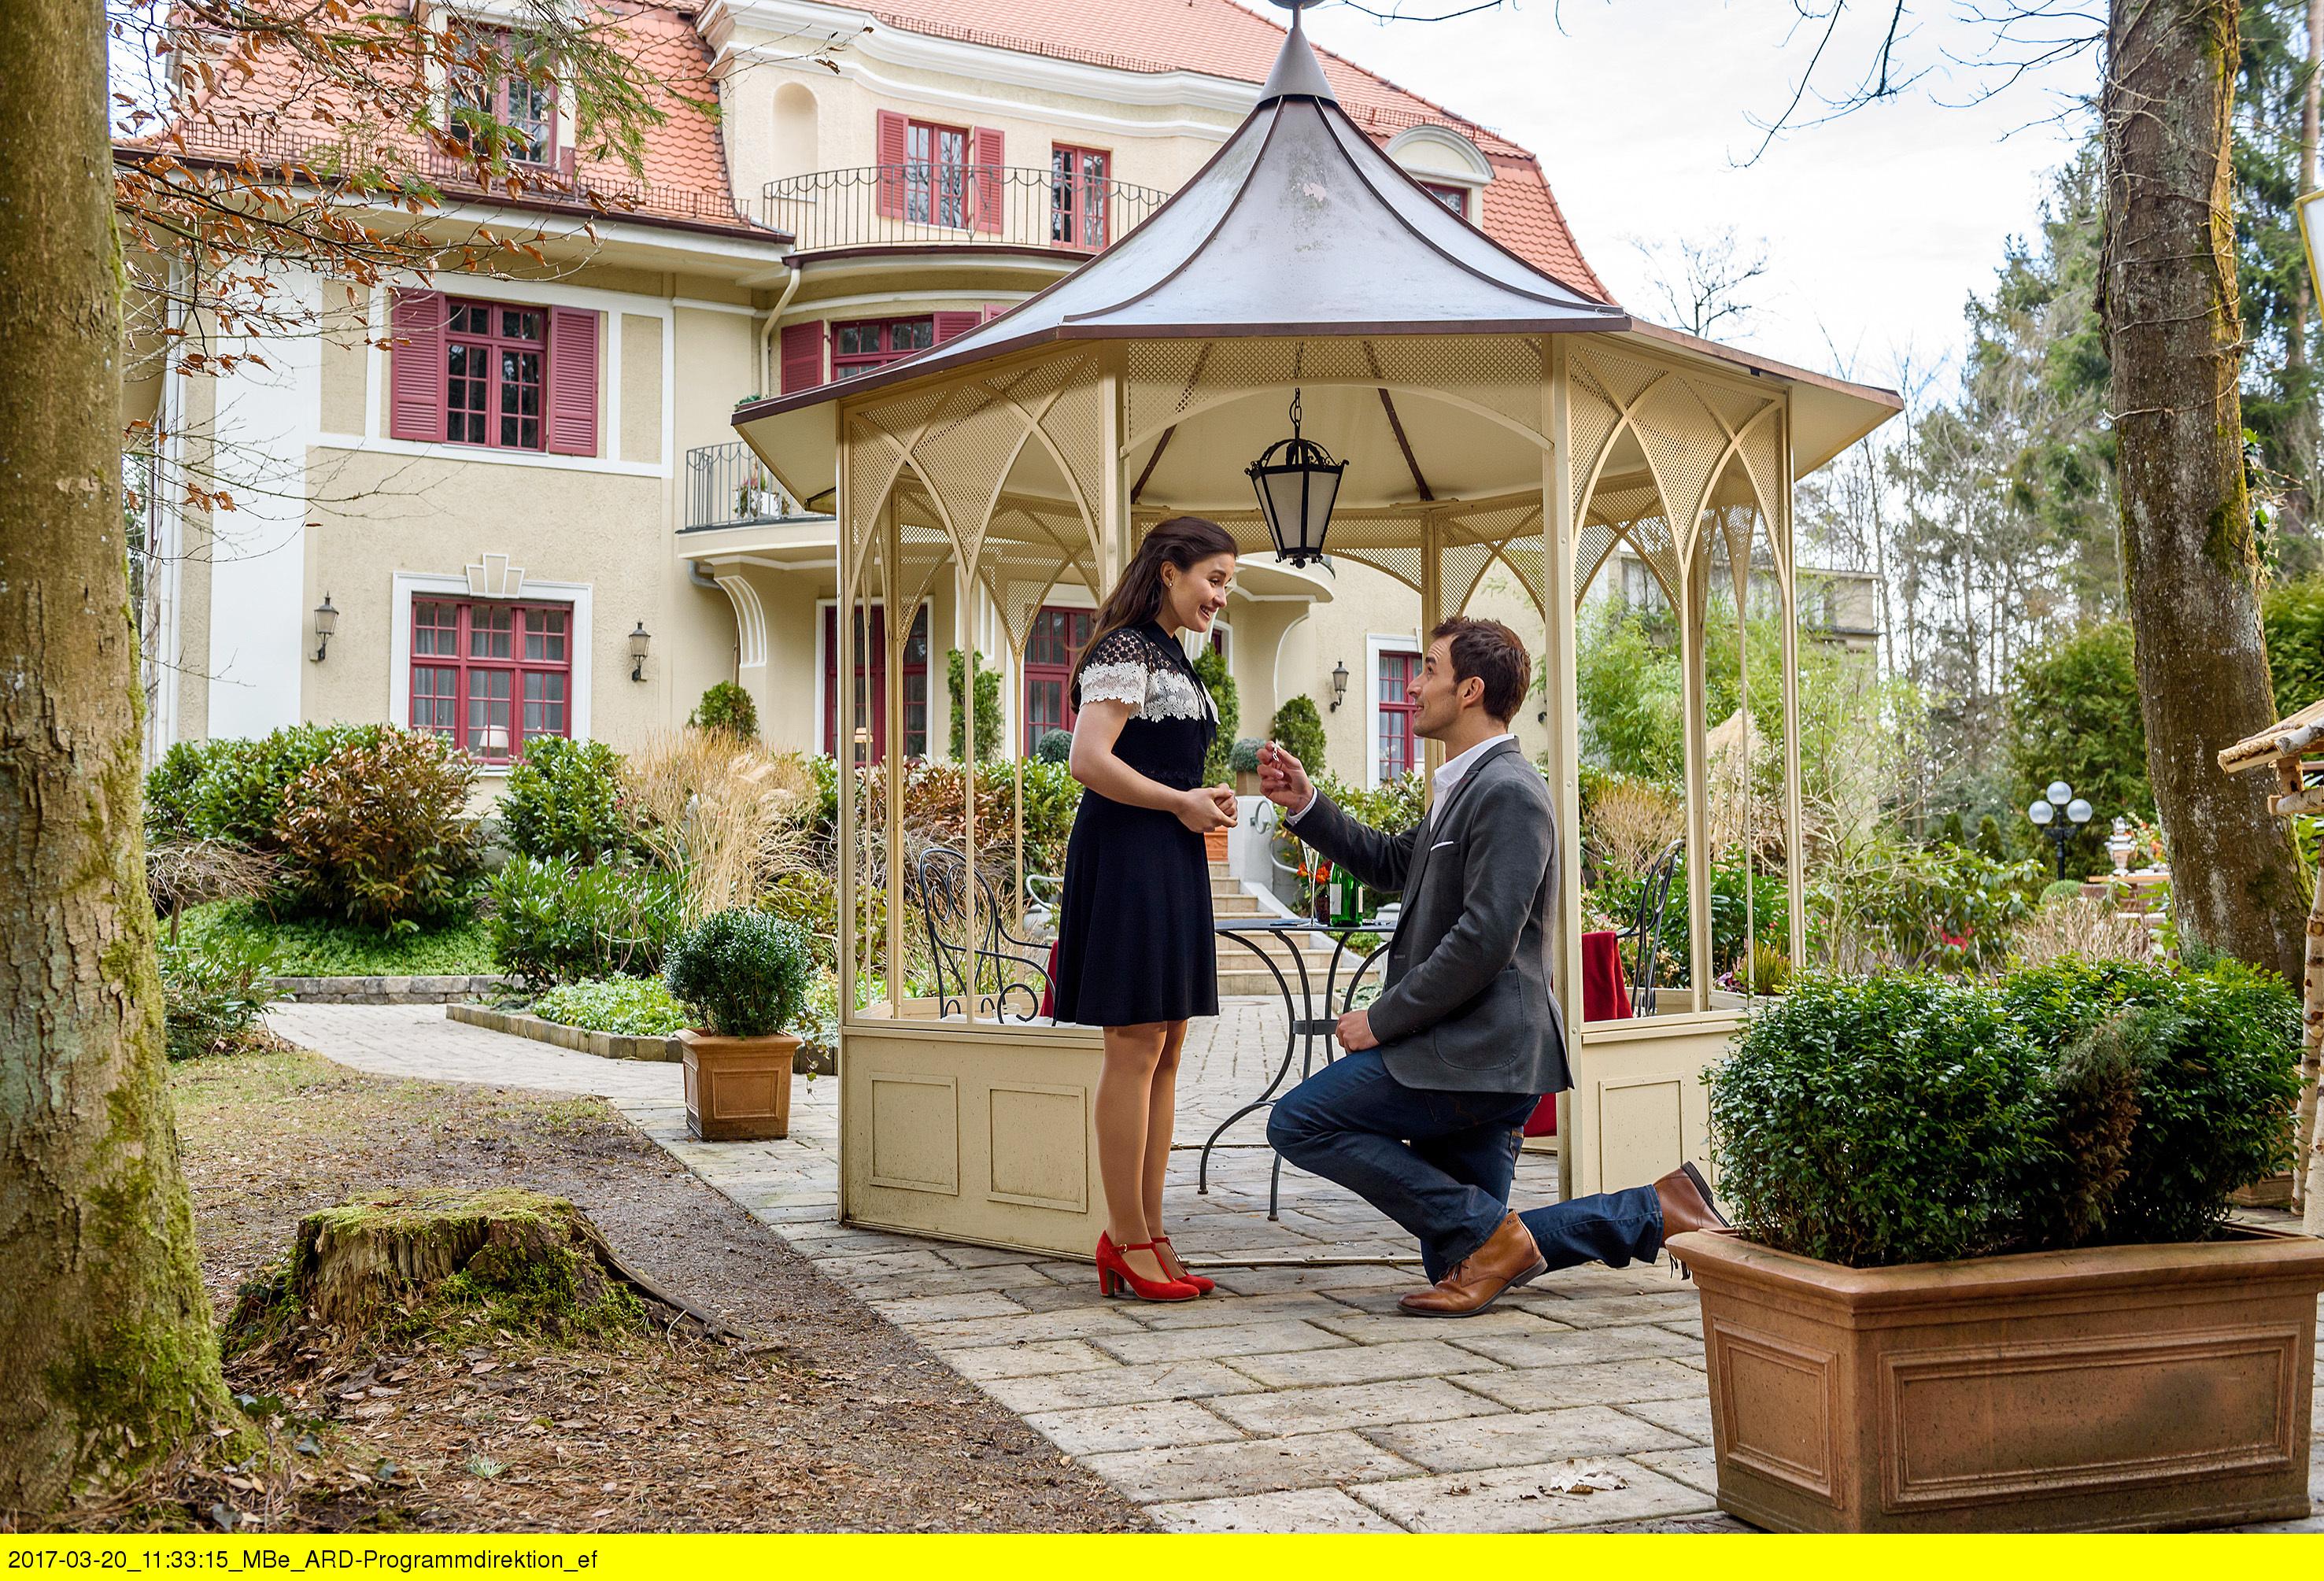 ARD STURM DER LIEBE FOLGE 2681, am Freitag (05.05.17) um 15:10 Uhr im ERSTEN. Adrian (Max Alberti, r.) macht Clara (Jeannine Wacker, l.) einen Heiratsantrag. (Quelle: ARD/Christof Arnold)